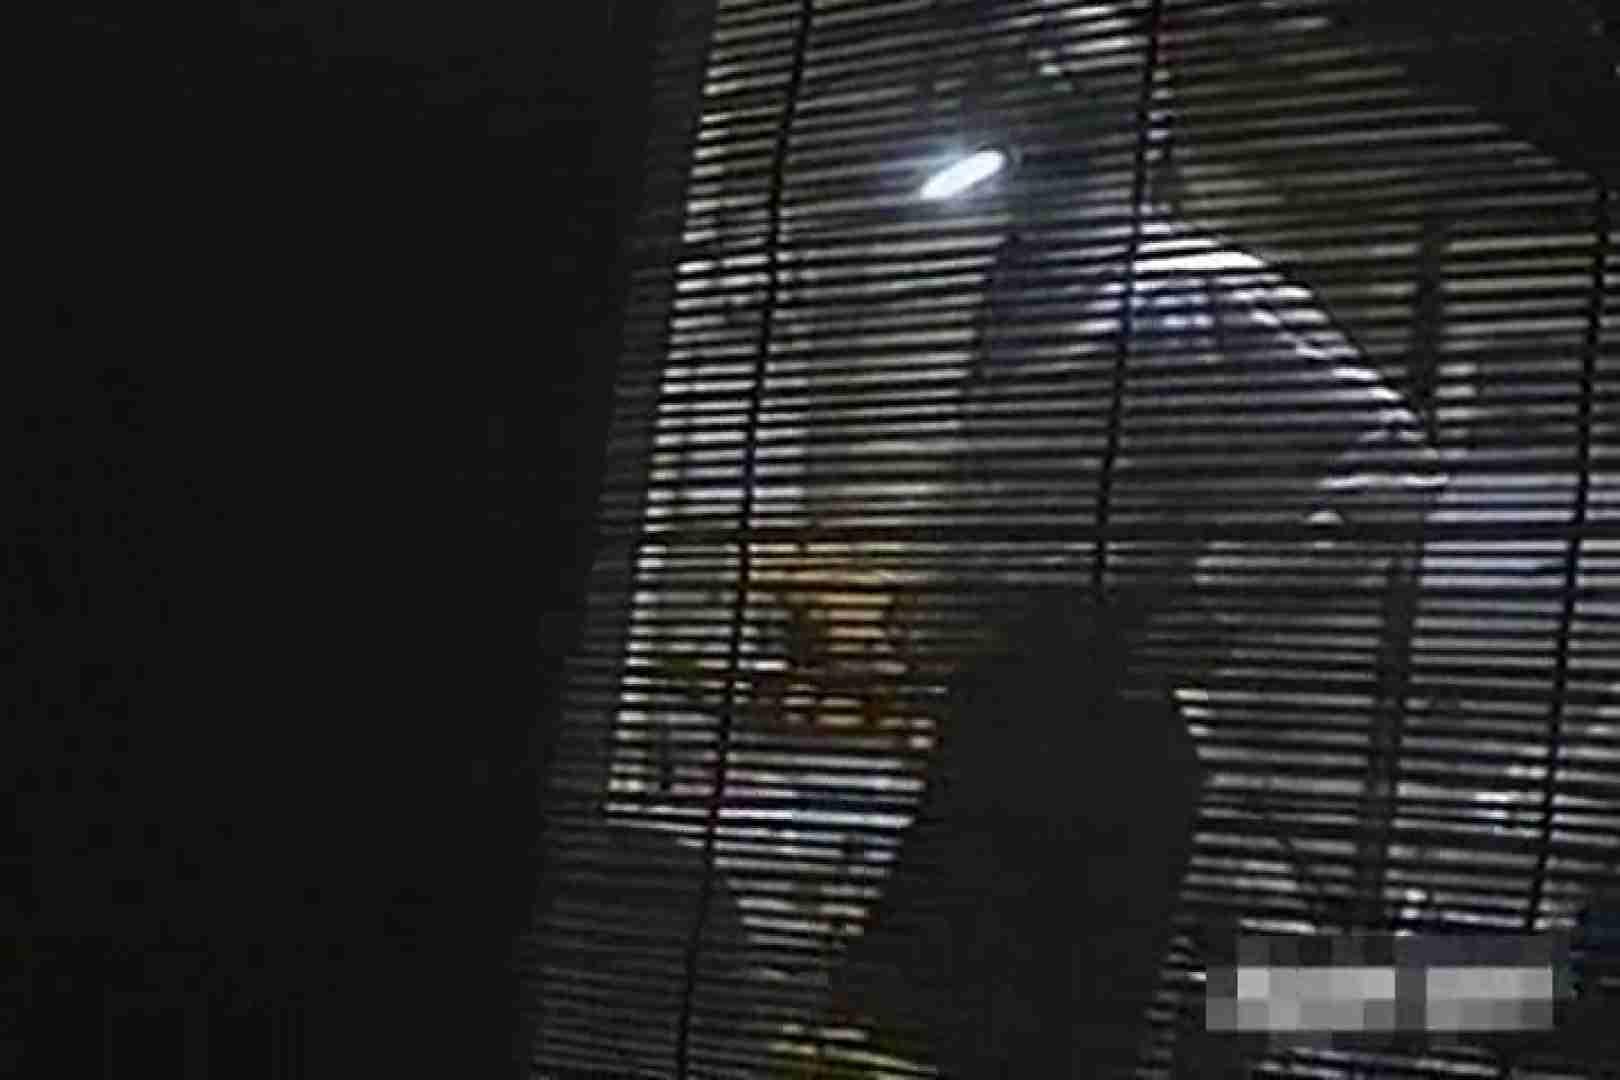 激撮ストーカー記録あなたのお宅拝見しますVol.1 ハプニング SEX無修正画像 71画像 53